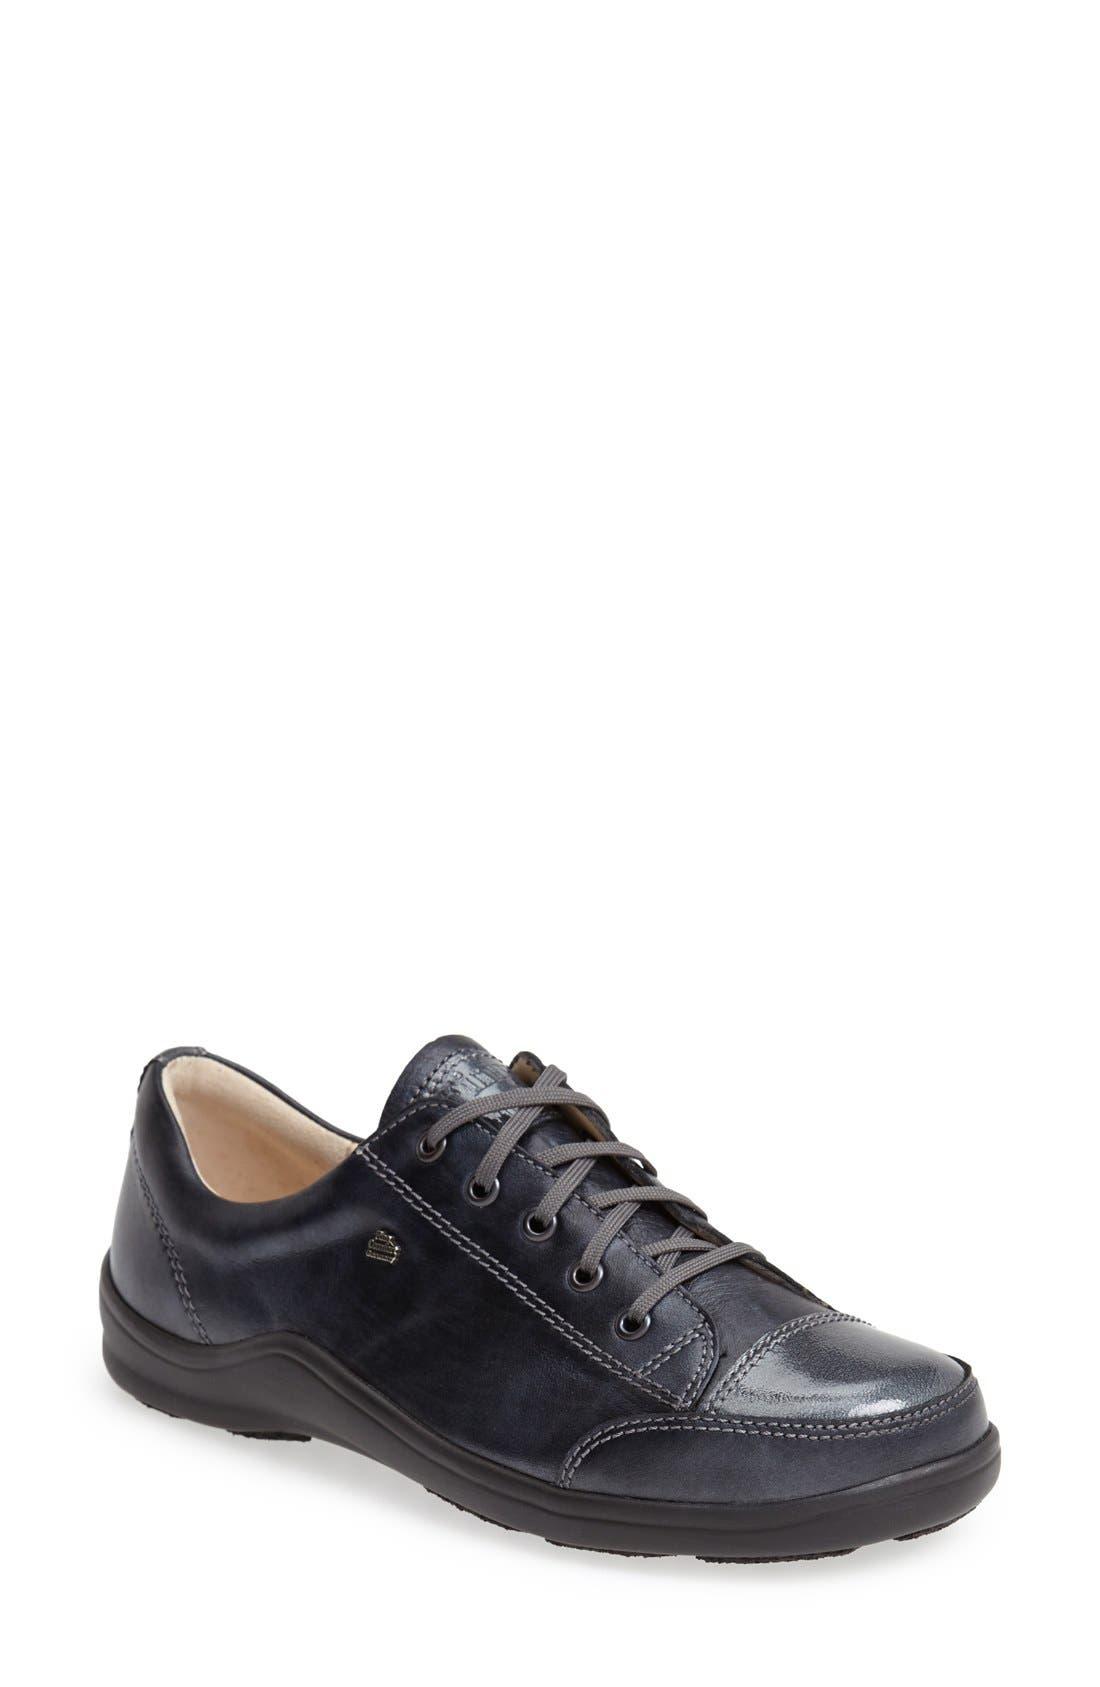 Alternate Image 1 Selected - Finn Comfort 'Soho' Sneaker (Women)